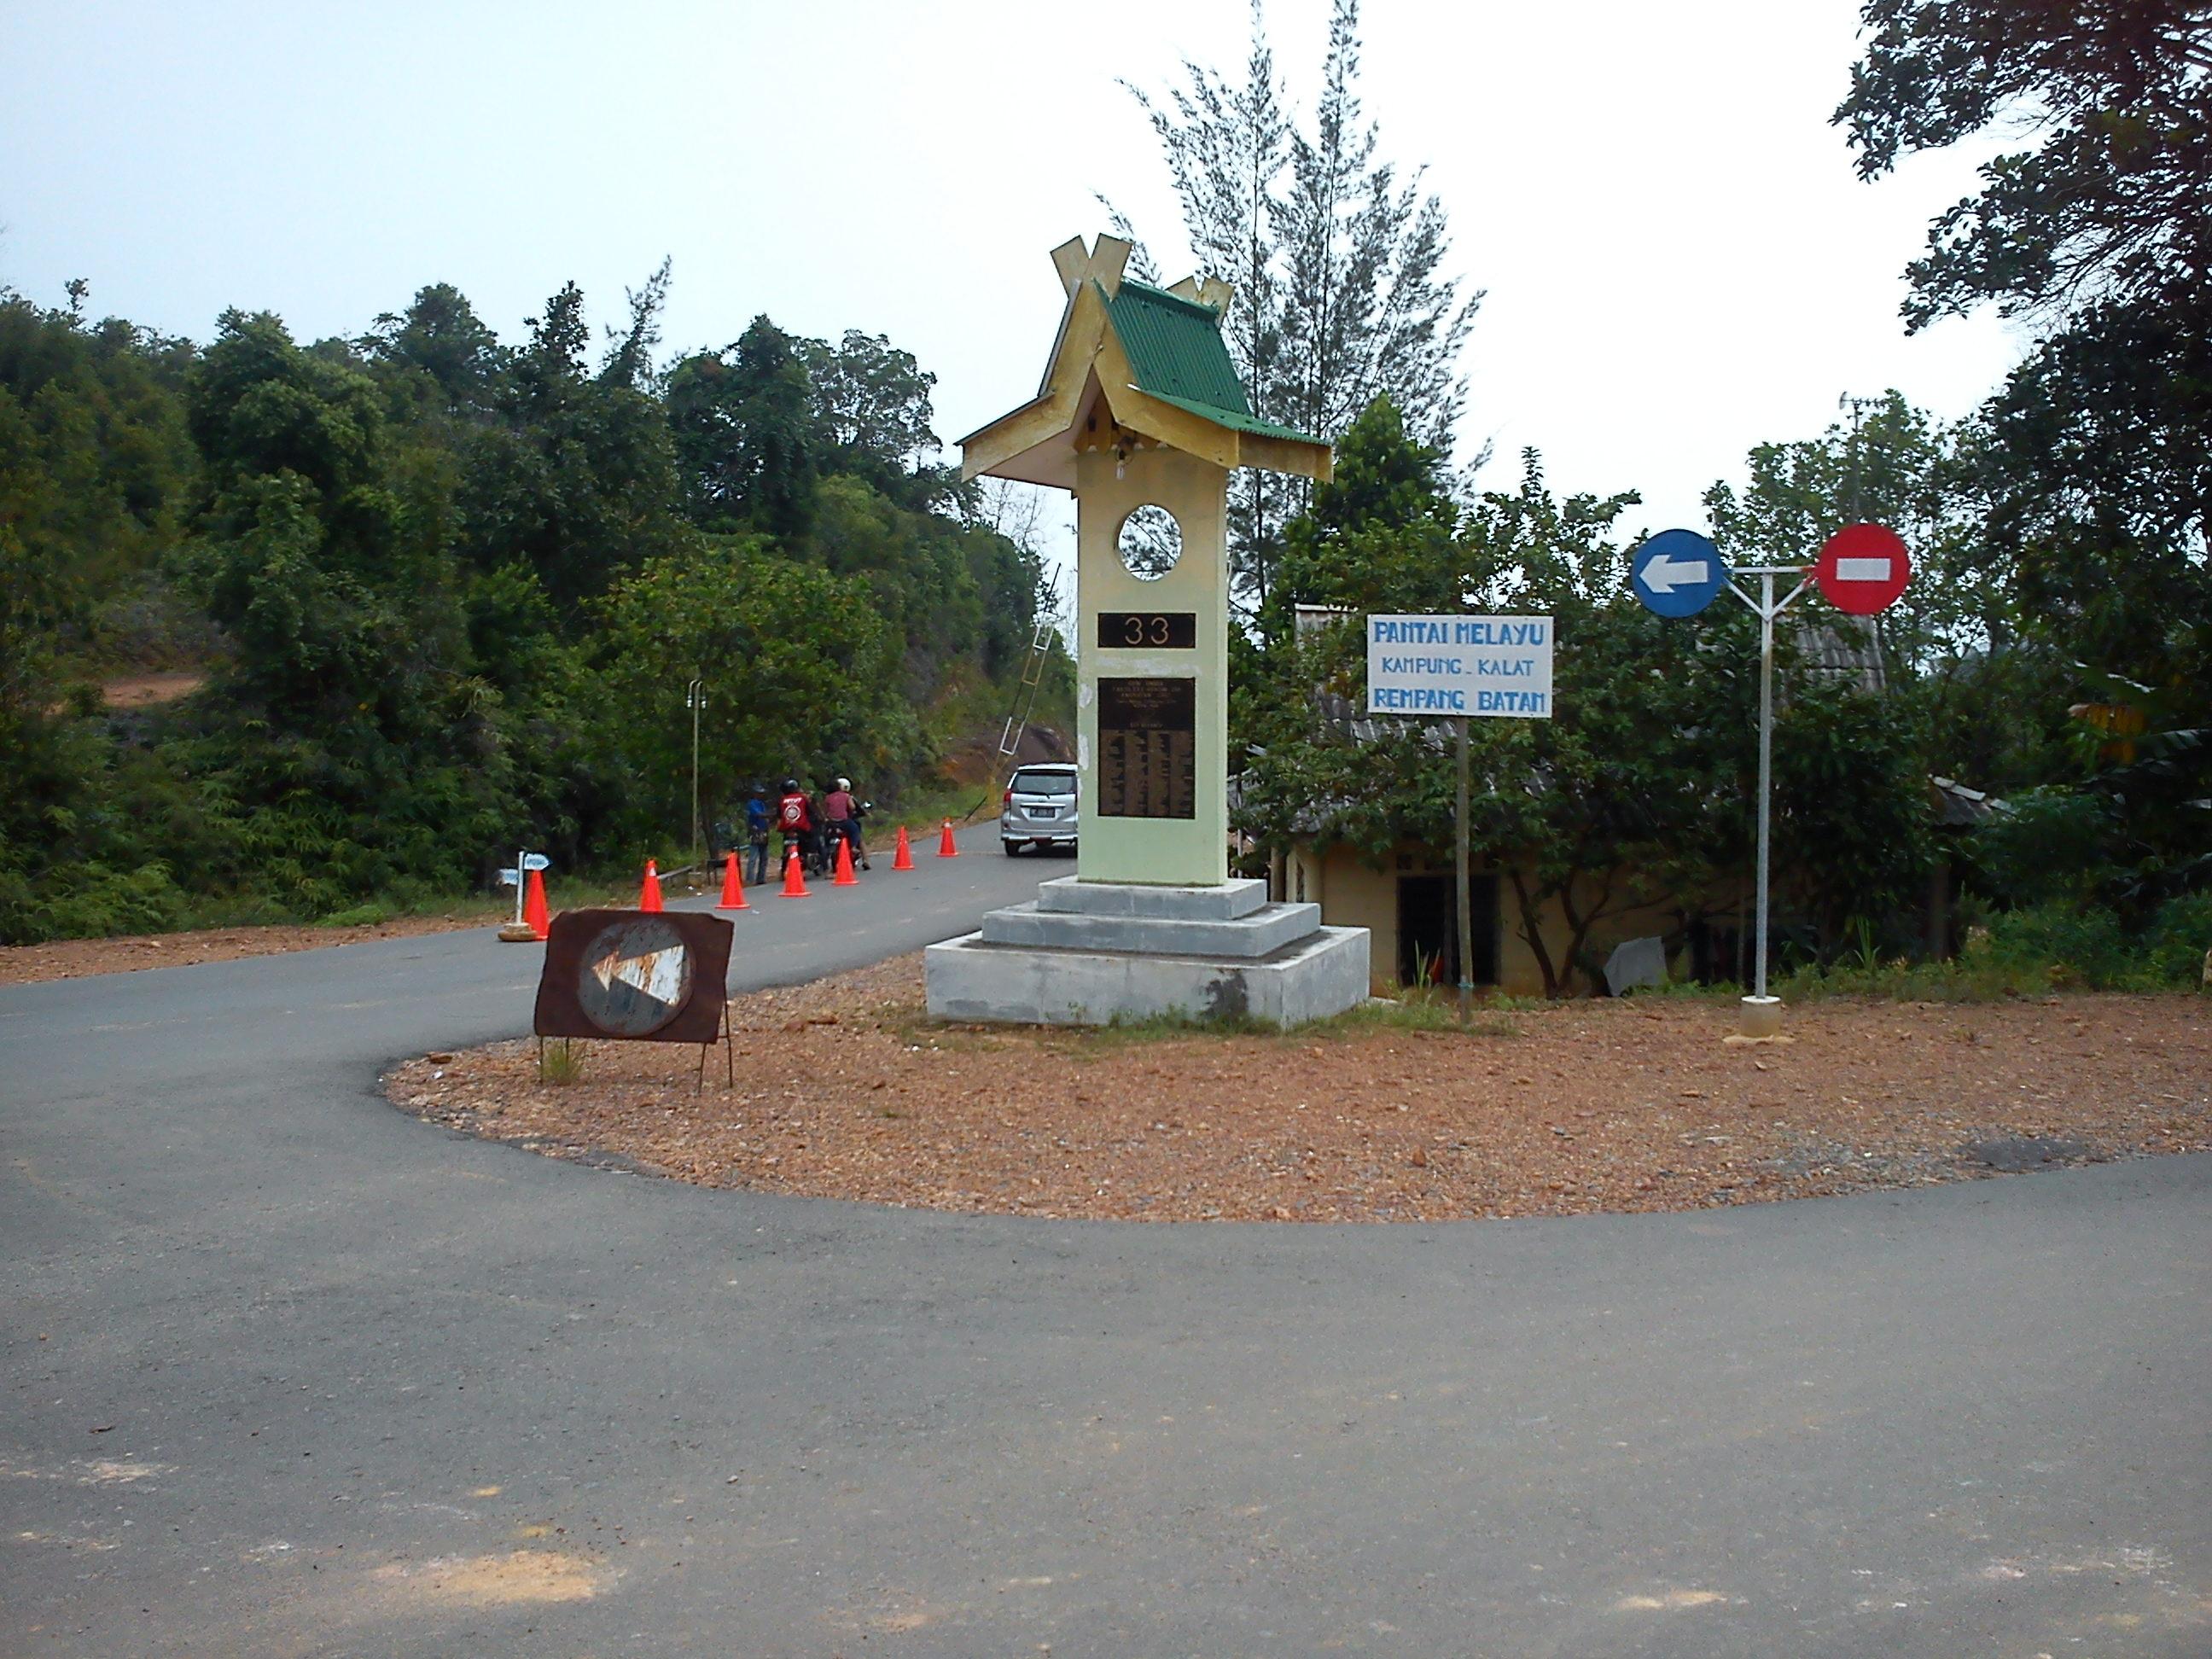 1 Jalan jalan ke Pantai Melayu Batam di Pulau Rempang, Kampung Kalat emerer.com